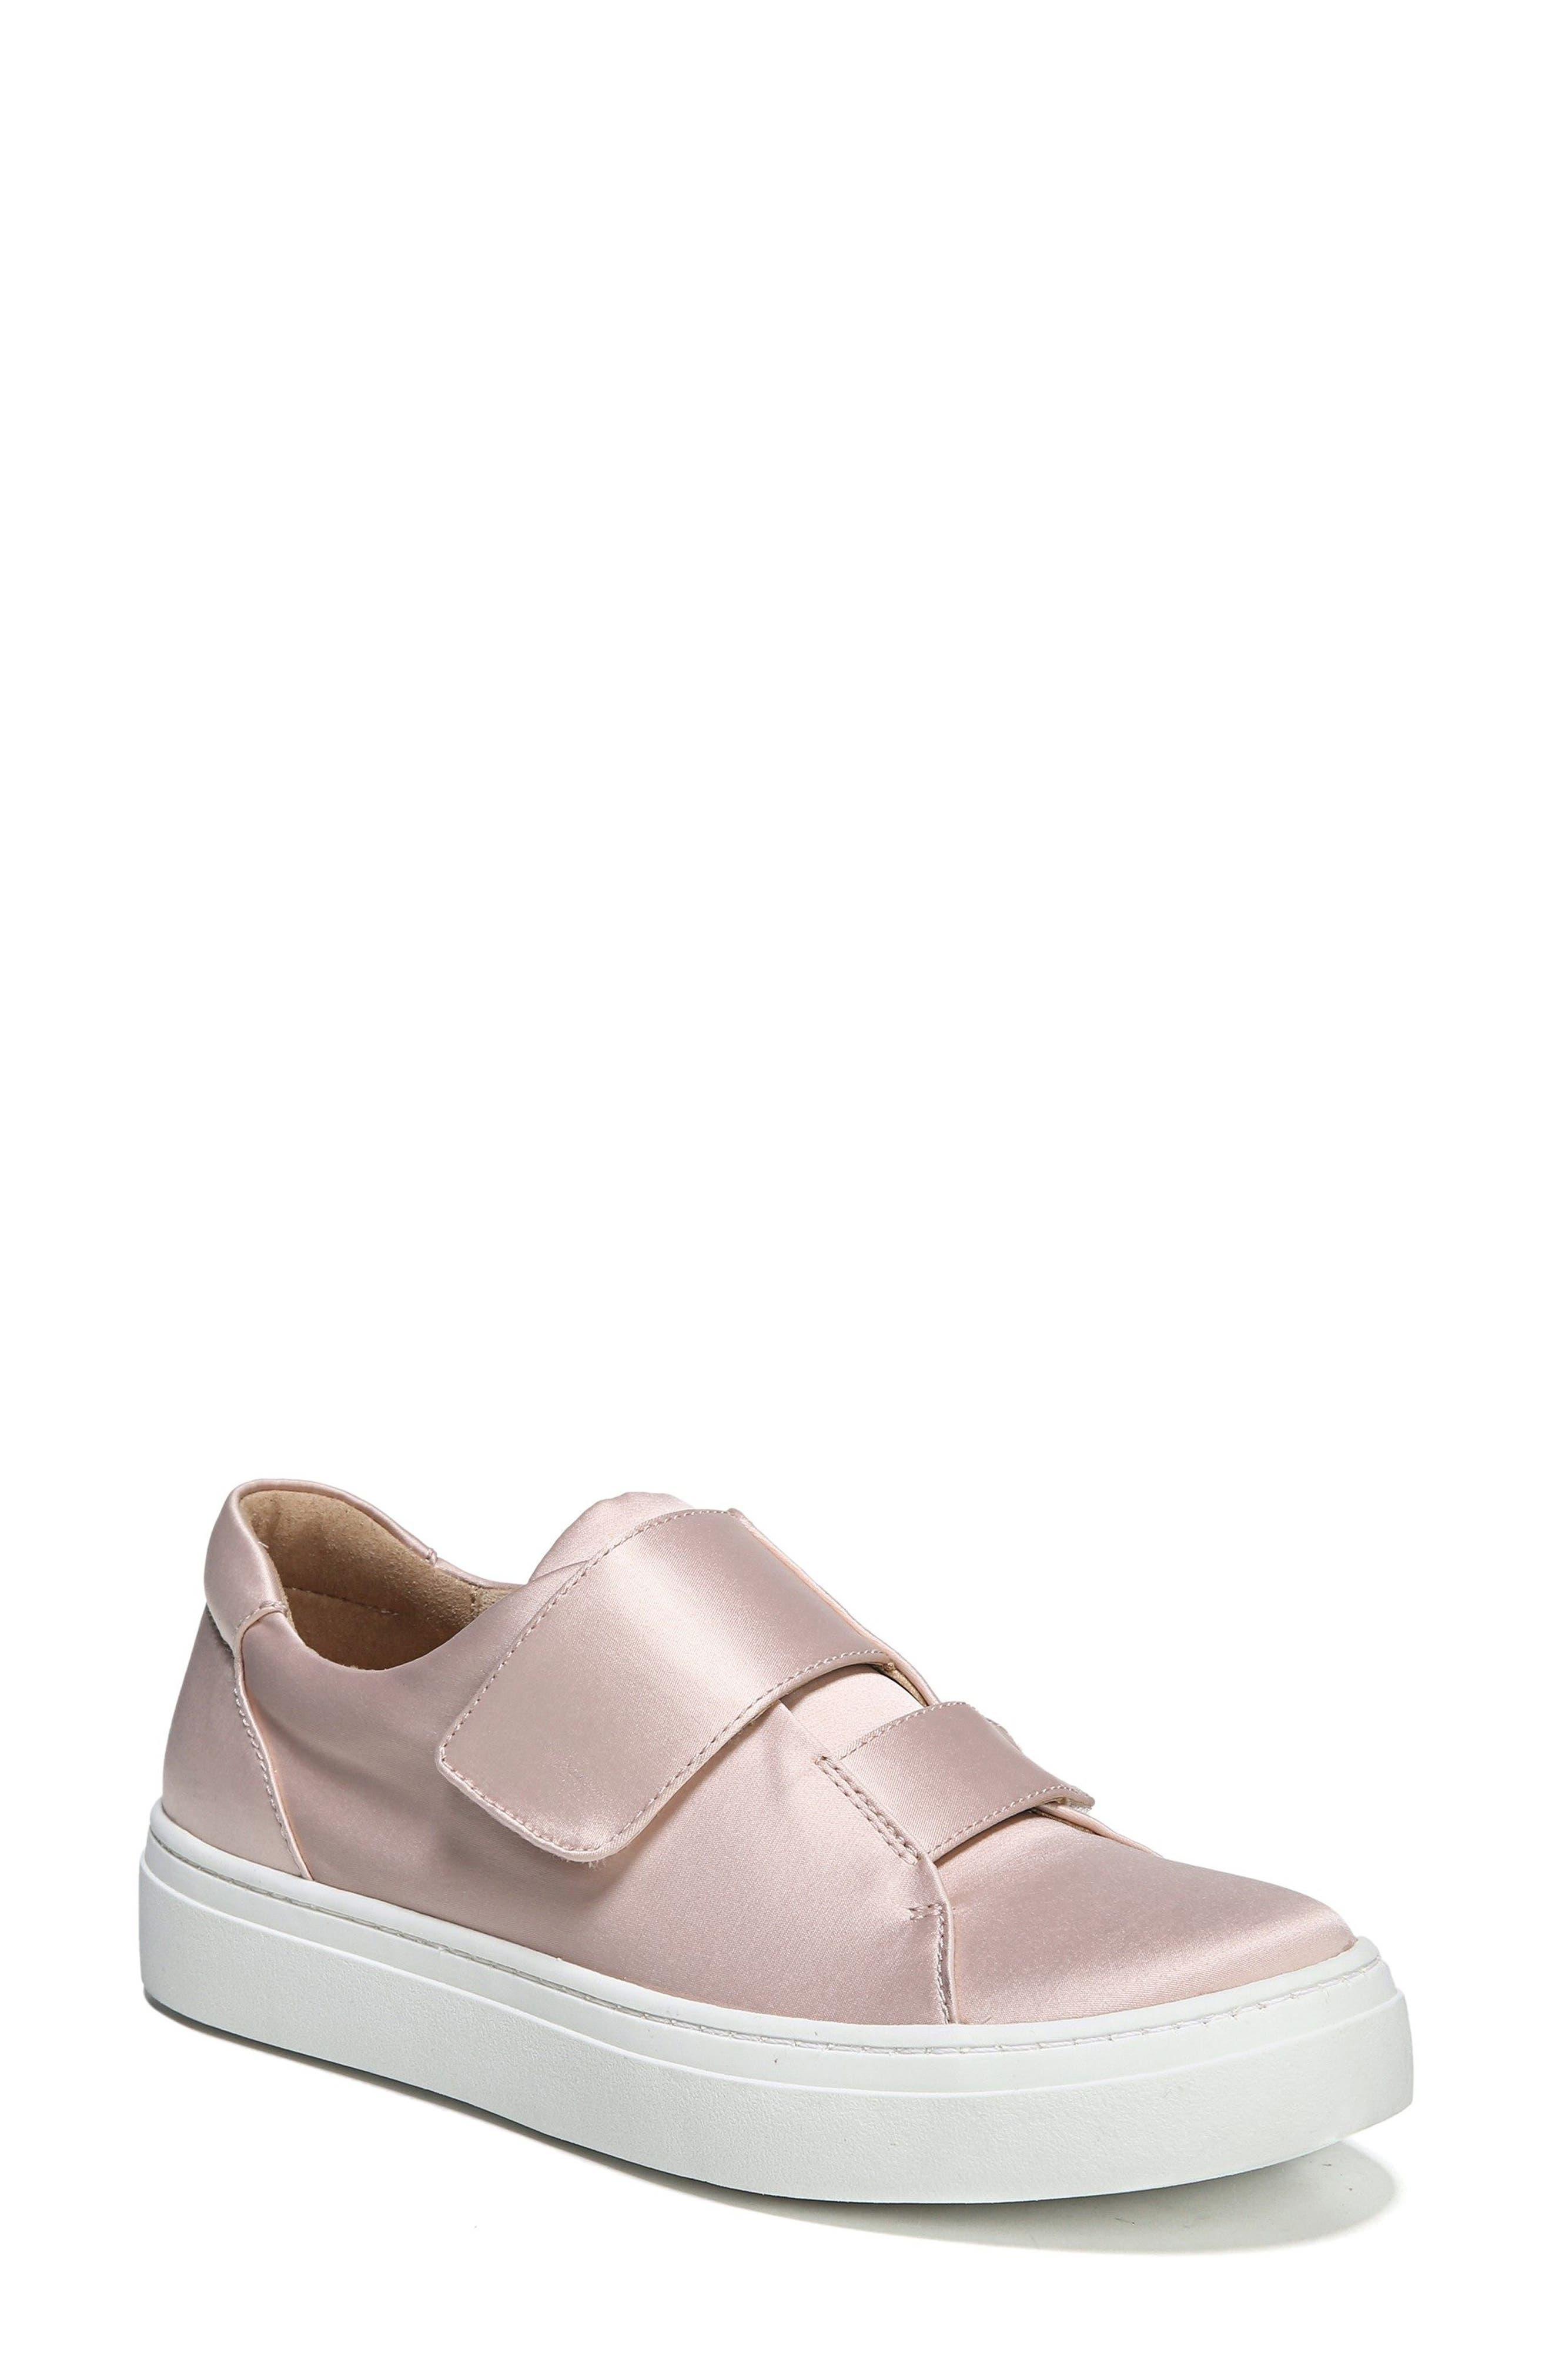 Alternate Image 1 Selected - Naturalizer Charlie Slip-On Sneaker (Women)